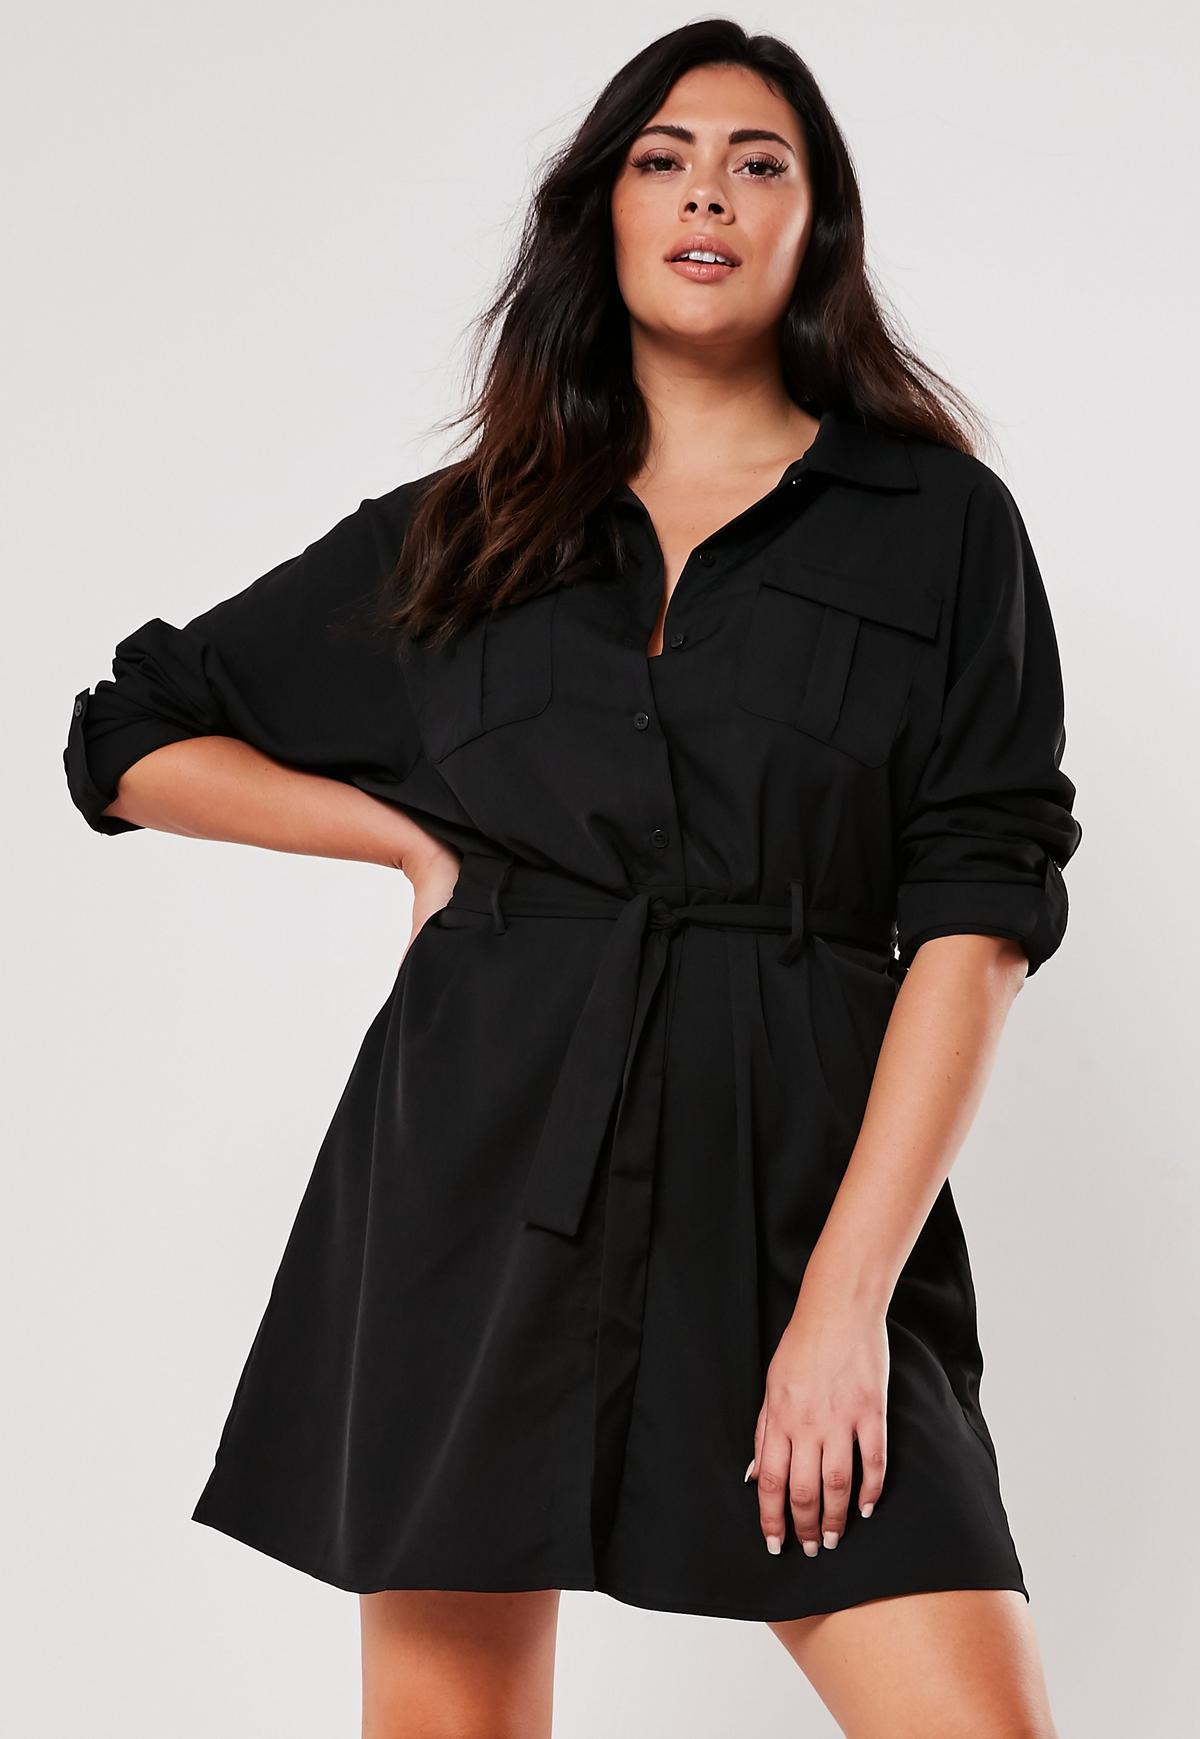 Plus Size Black Utility Shirt Dress